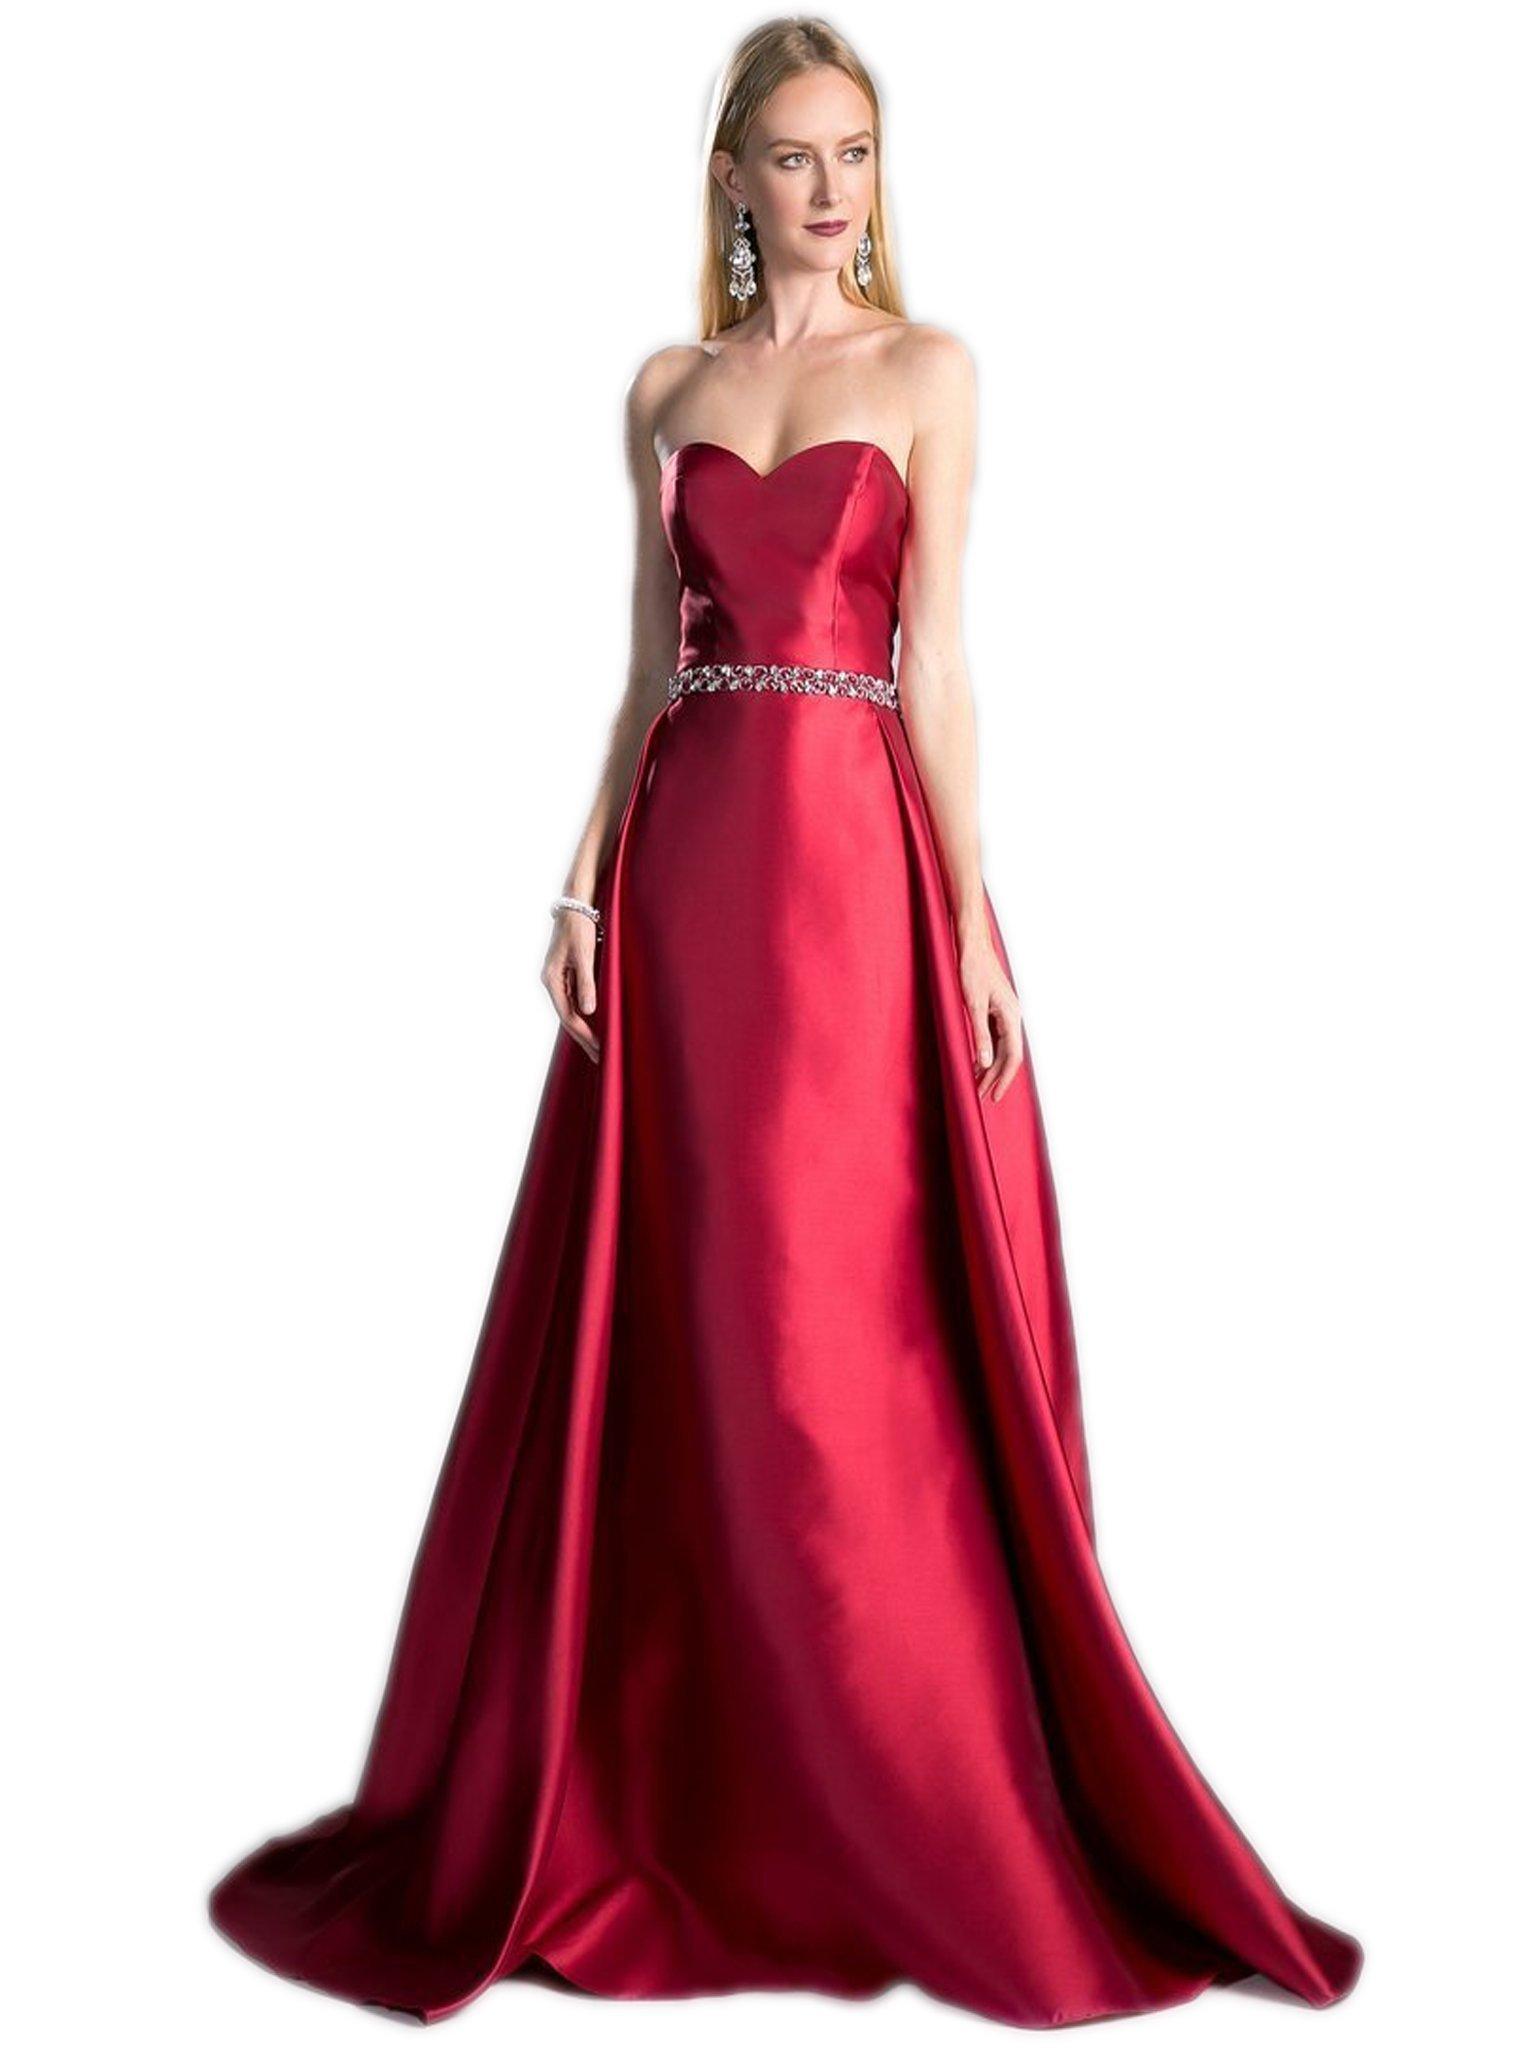 Cinderella Divine - 455 Strapless Embellished Sweetheart Ballgown